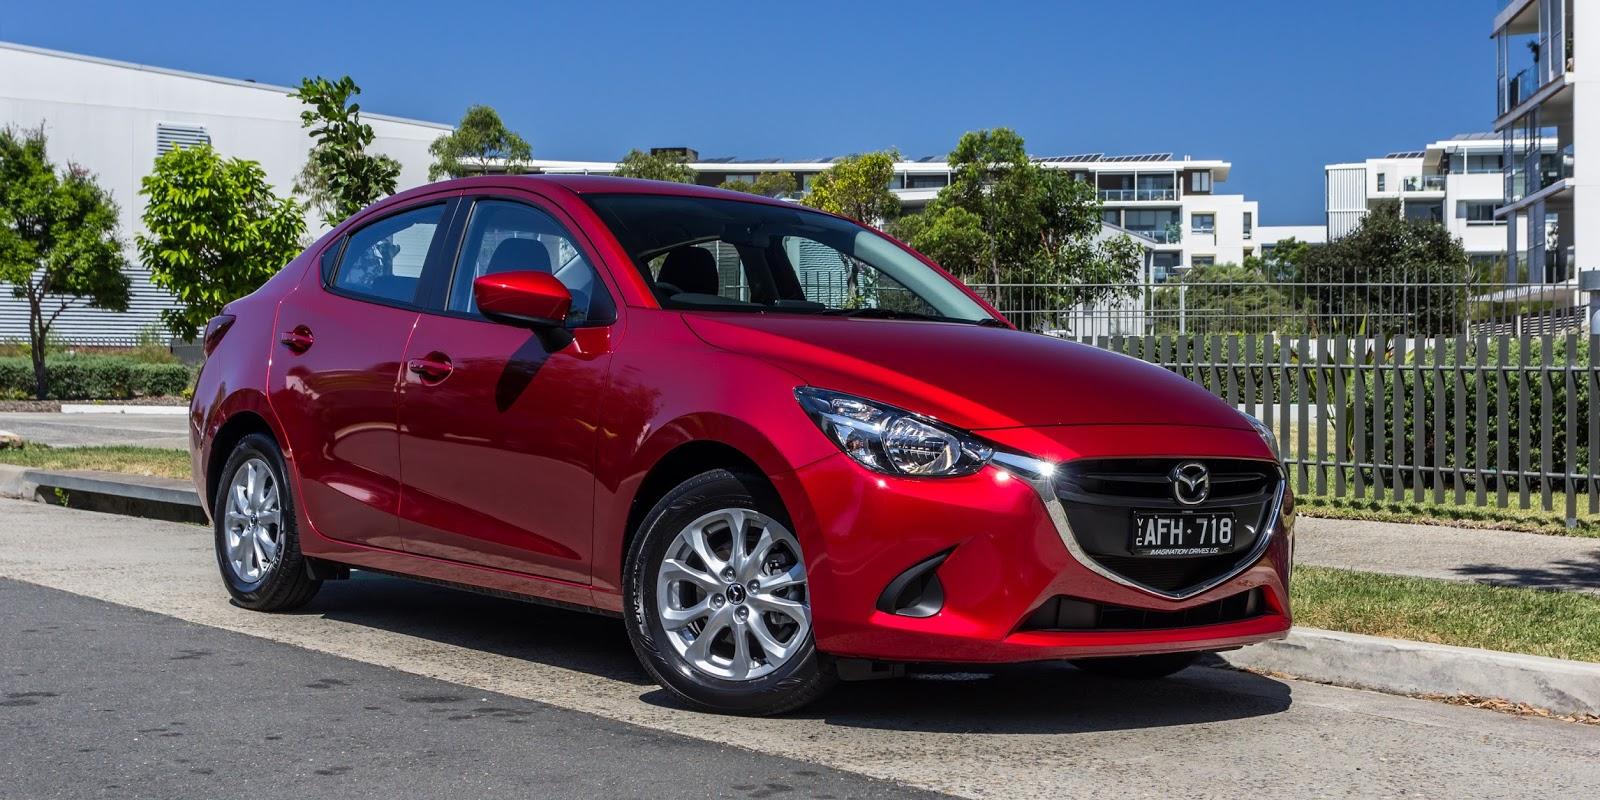 Mazda 2 2016 là một chiếc xe rất bình dân & thể thao